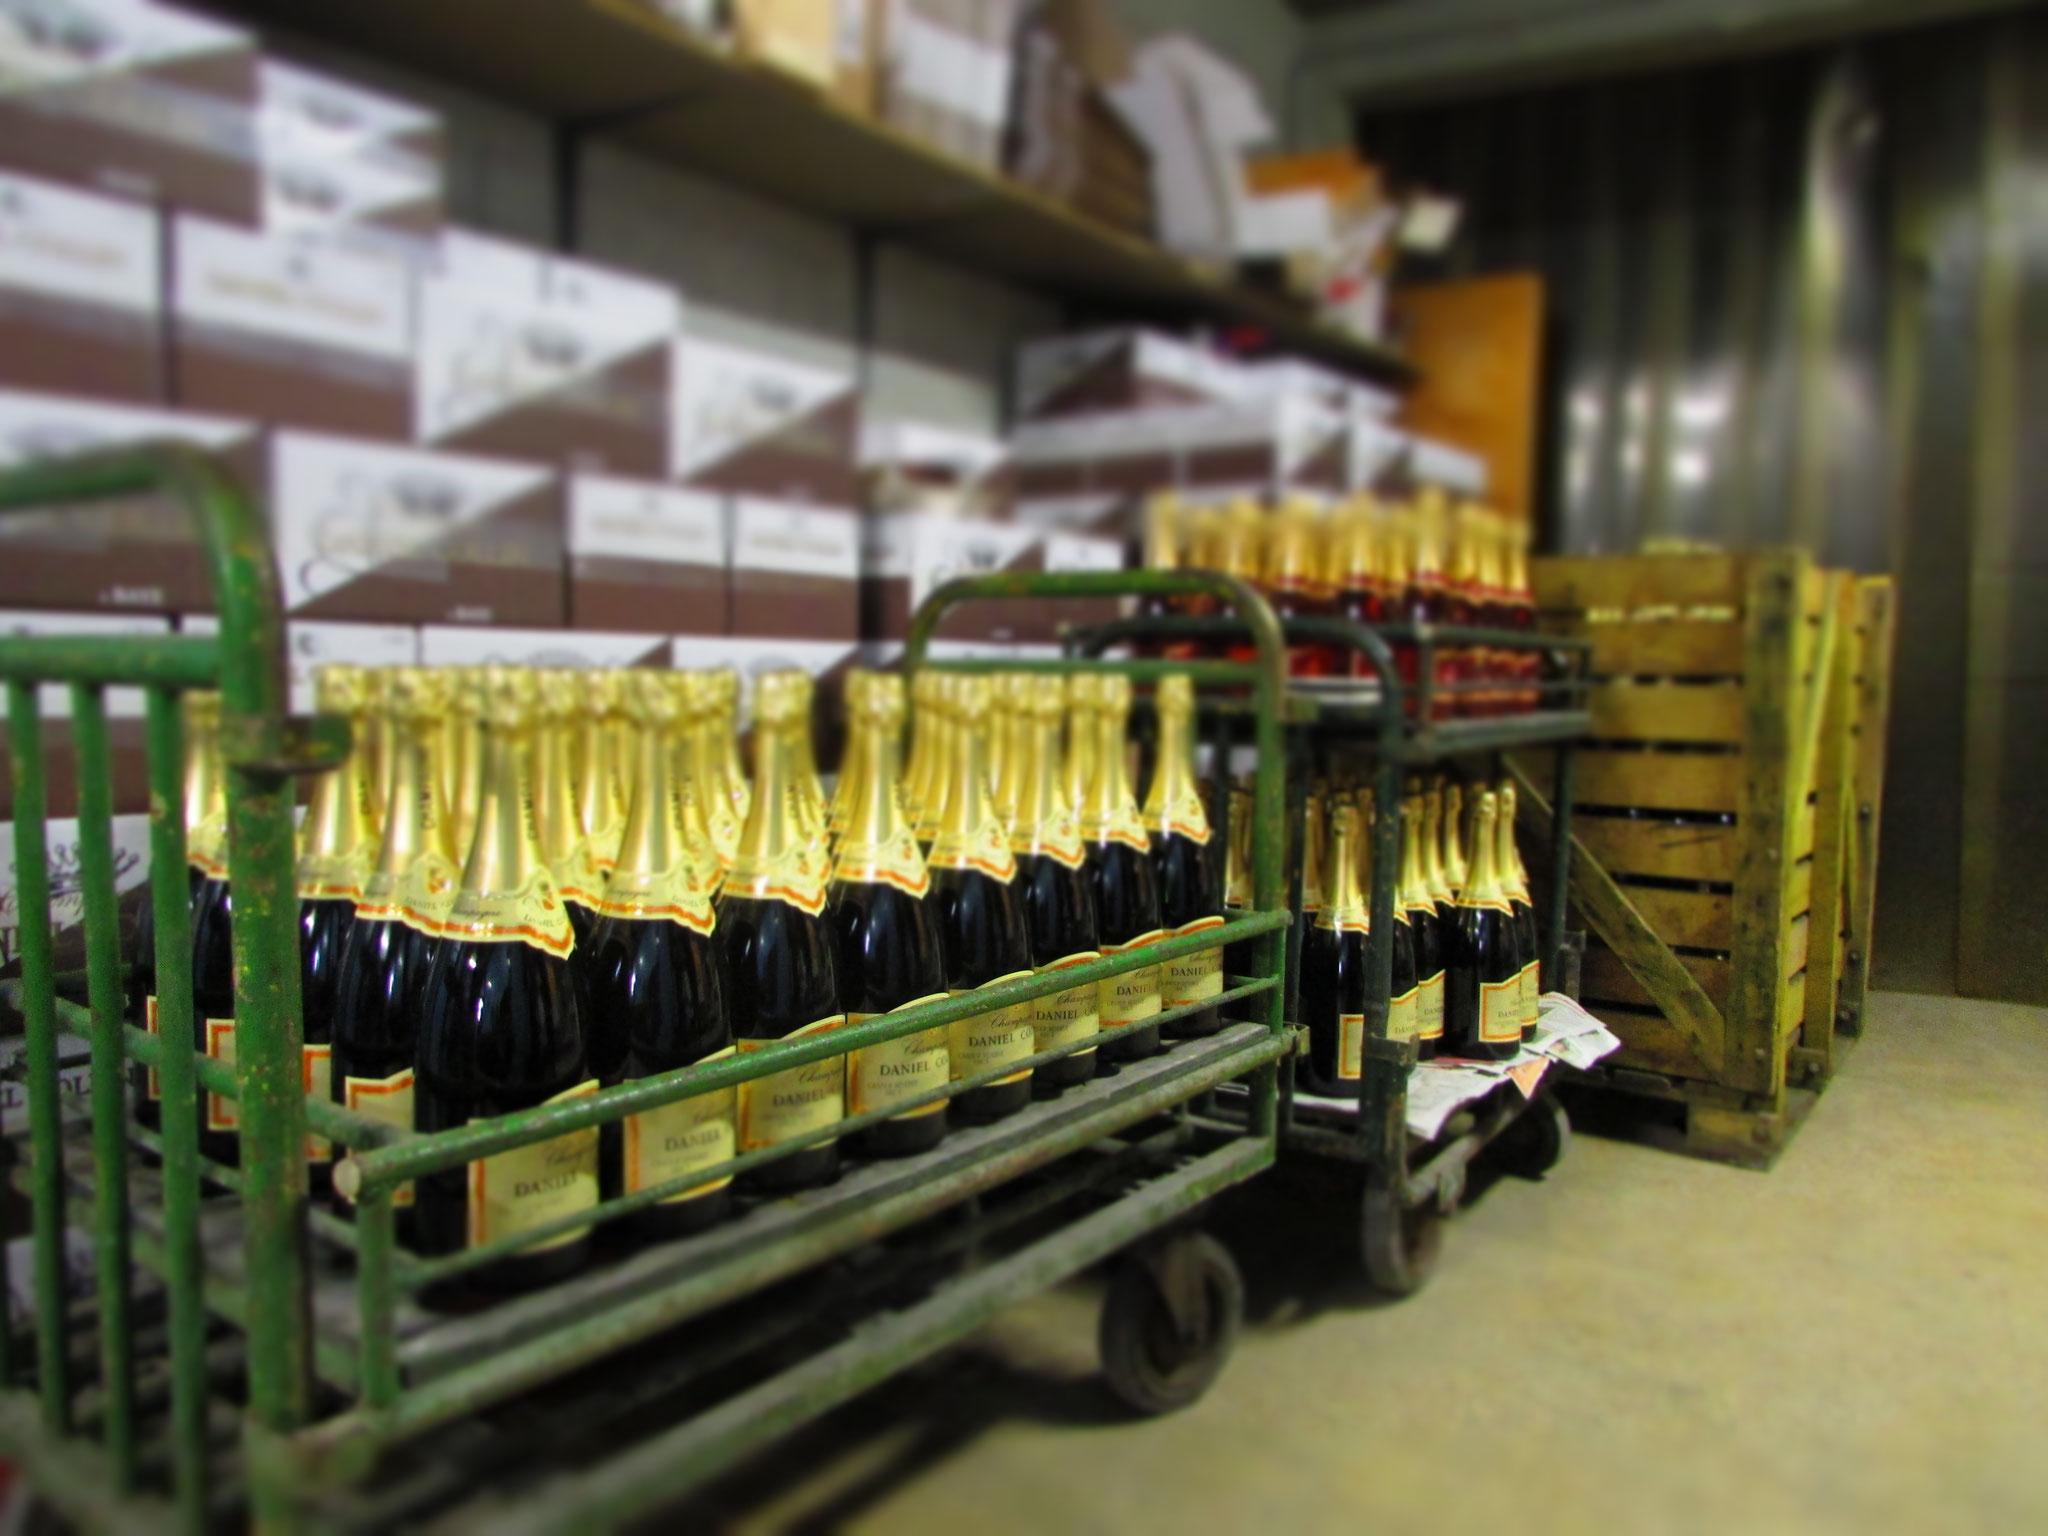 En cave, les bouteilles habillées attendent d'être mises en carton